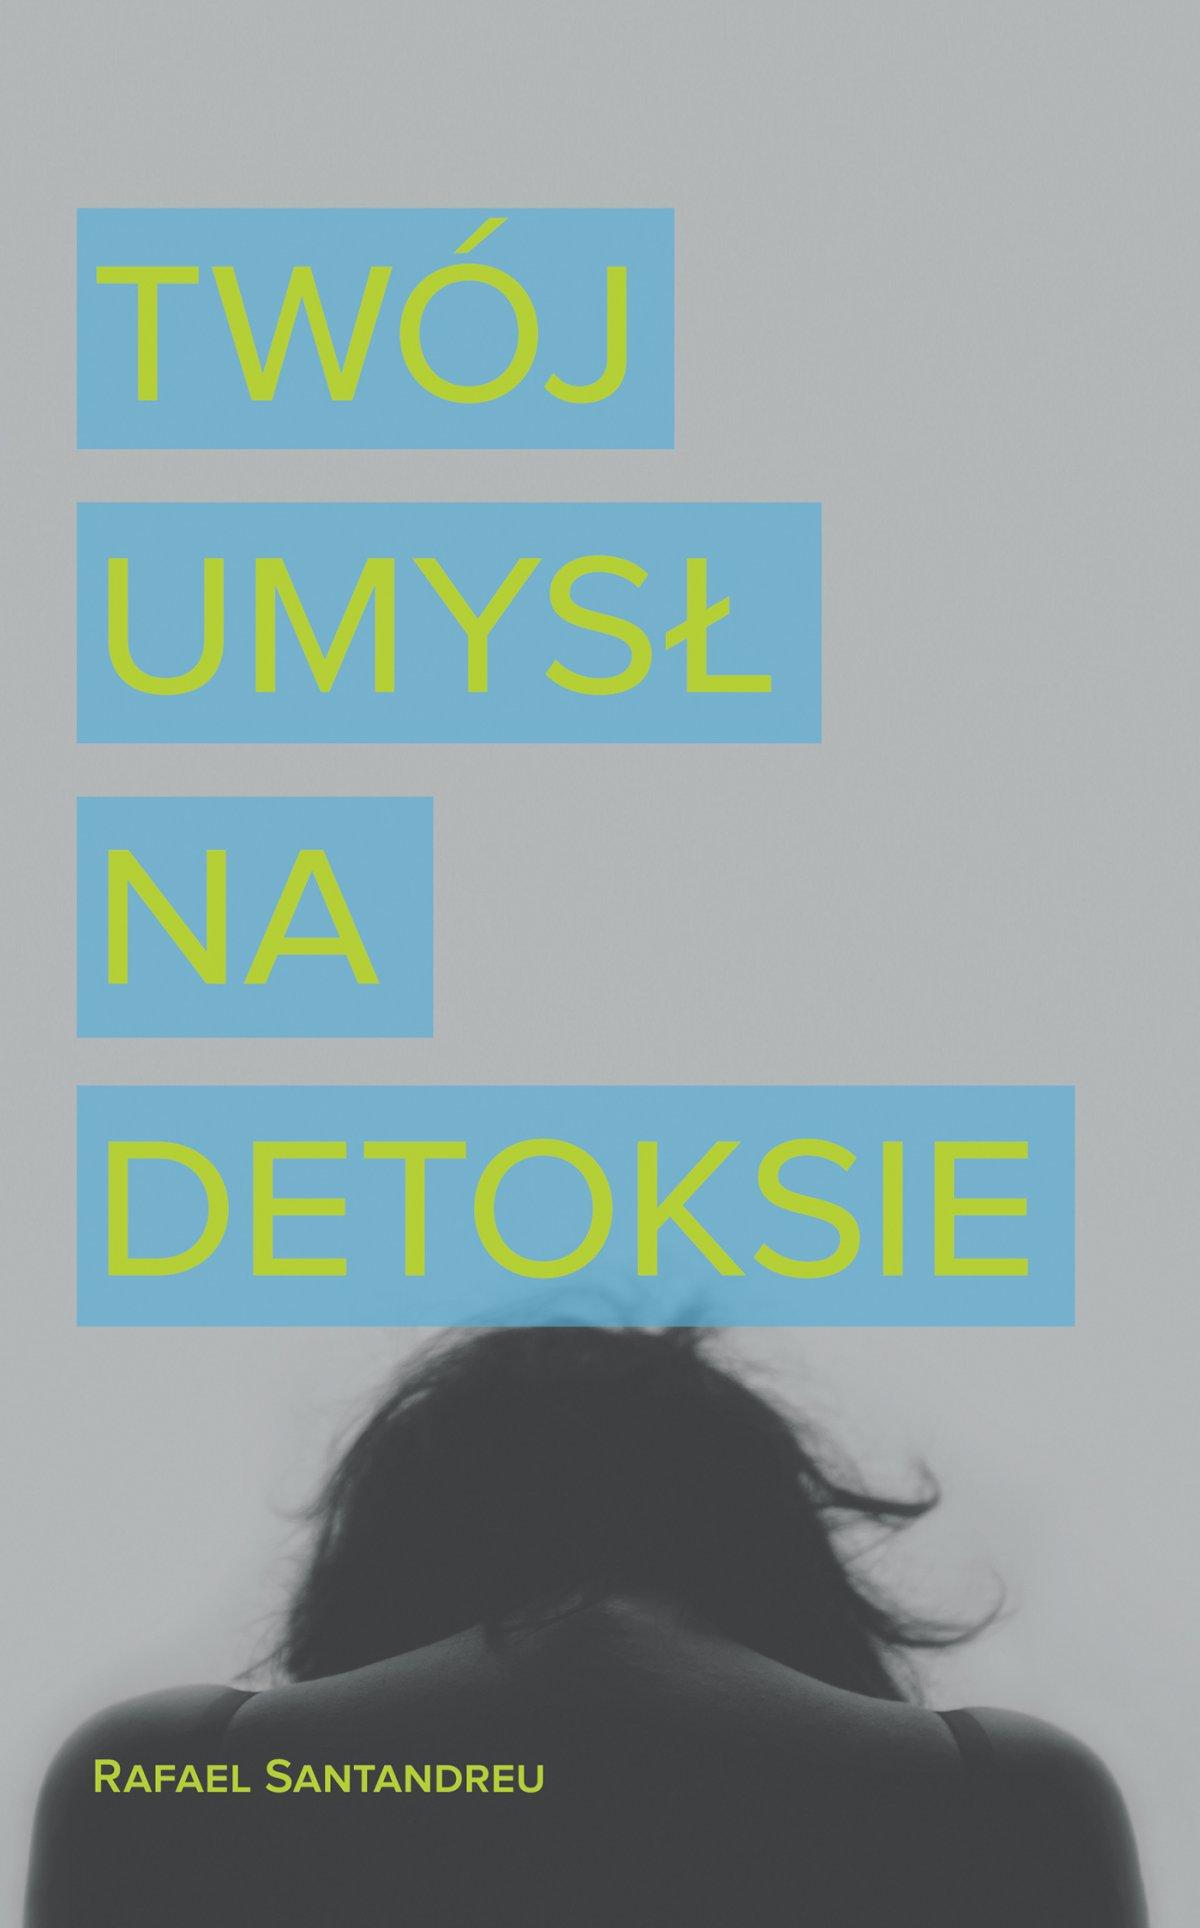 Twój umysł na detoksie - Ebook (Książka na Kindle) do pobrania w formacie MOBI